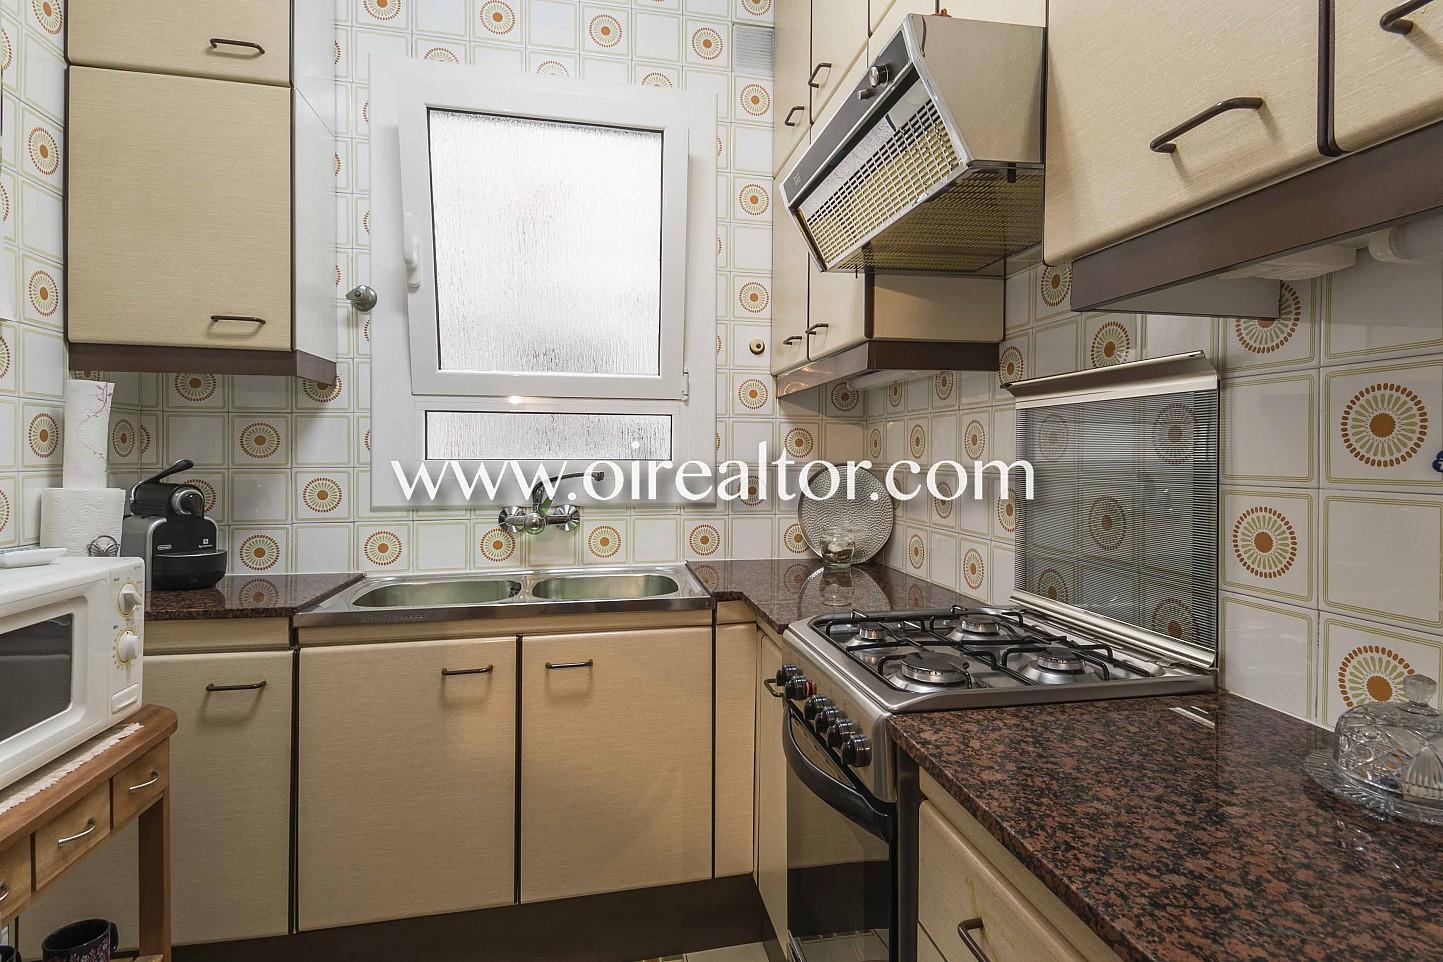 cocina, cocina con electrodomésticos, fogones, campana extractora, cocina de gas